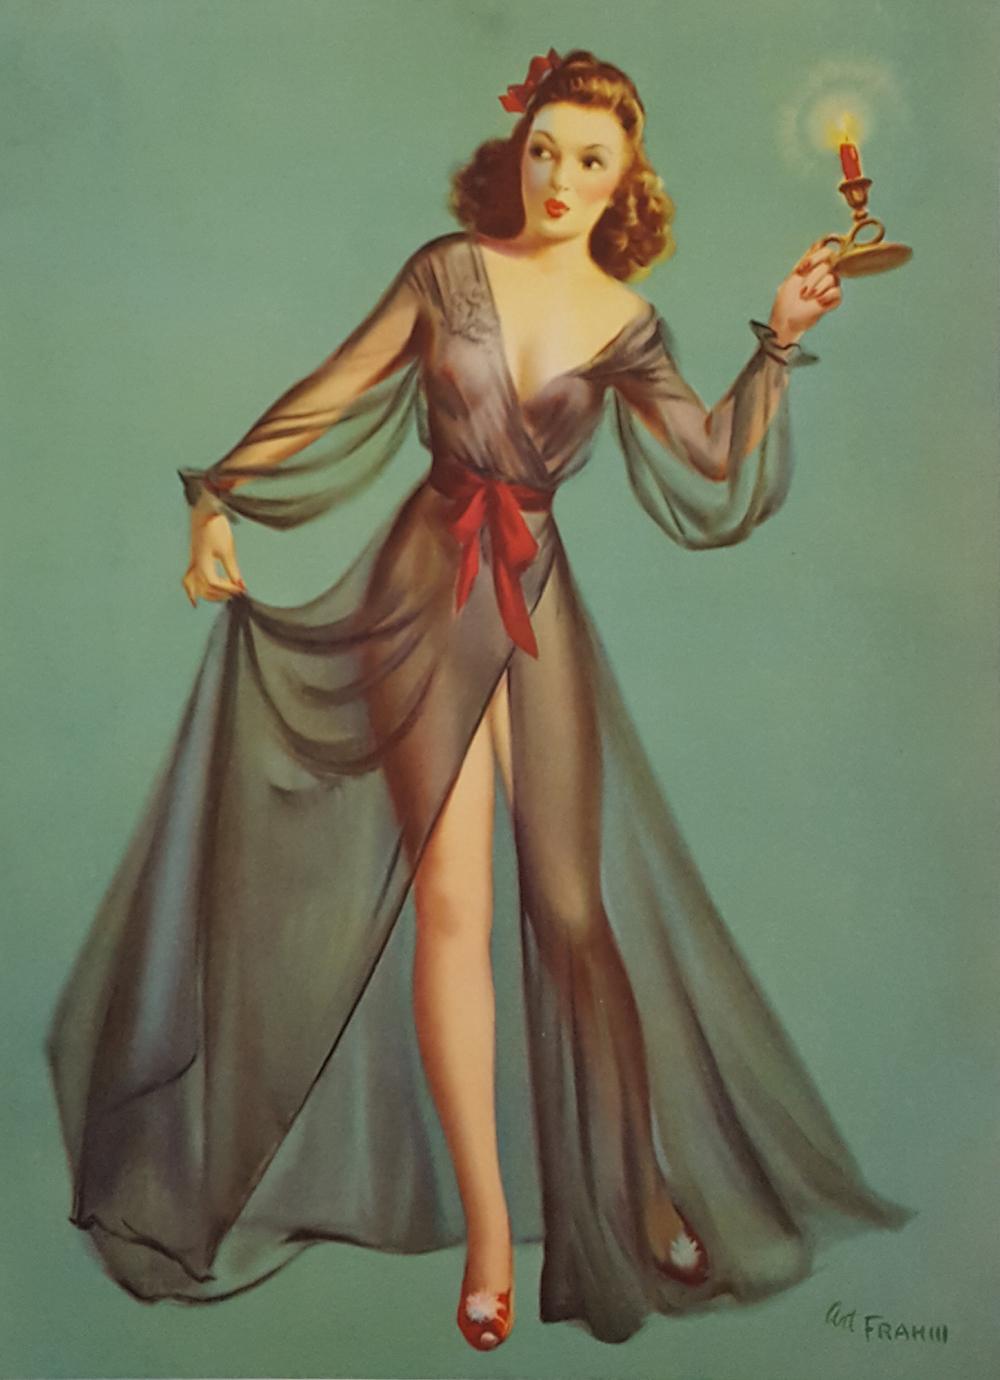 dbc9d1bad92 Vintage 1940 Art Frahm Cheesecake Brunette Pin-up Girl In Lingerie Boudoir  Print